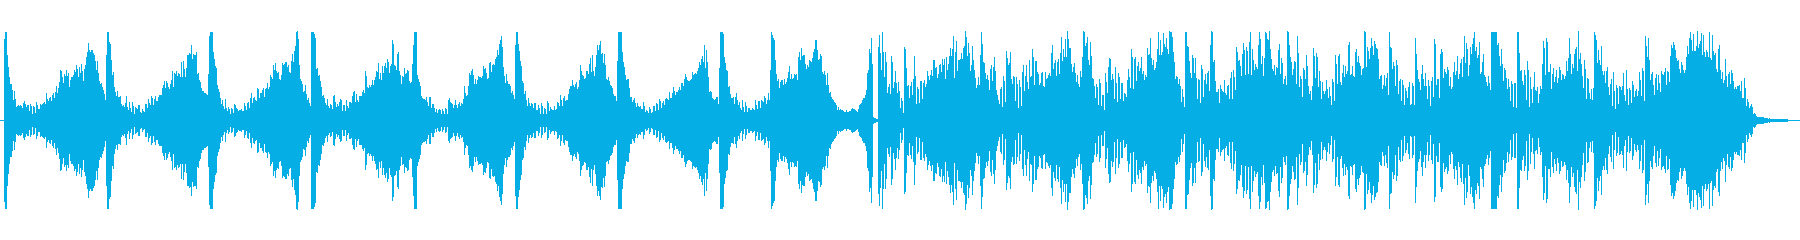 無音・間を表現したBGMの再生済みの波形